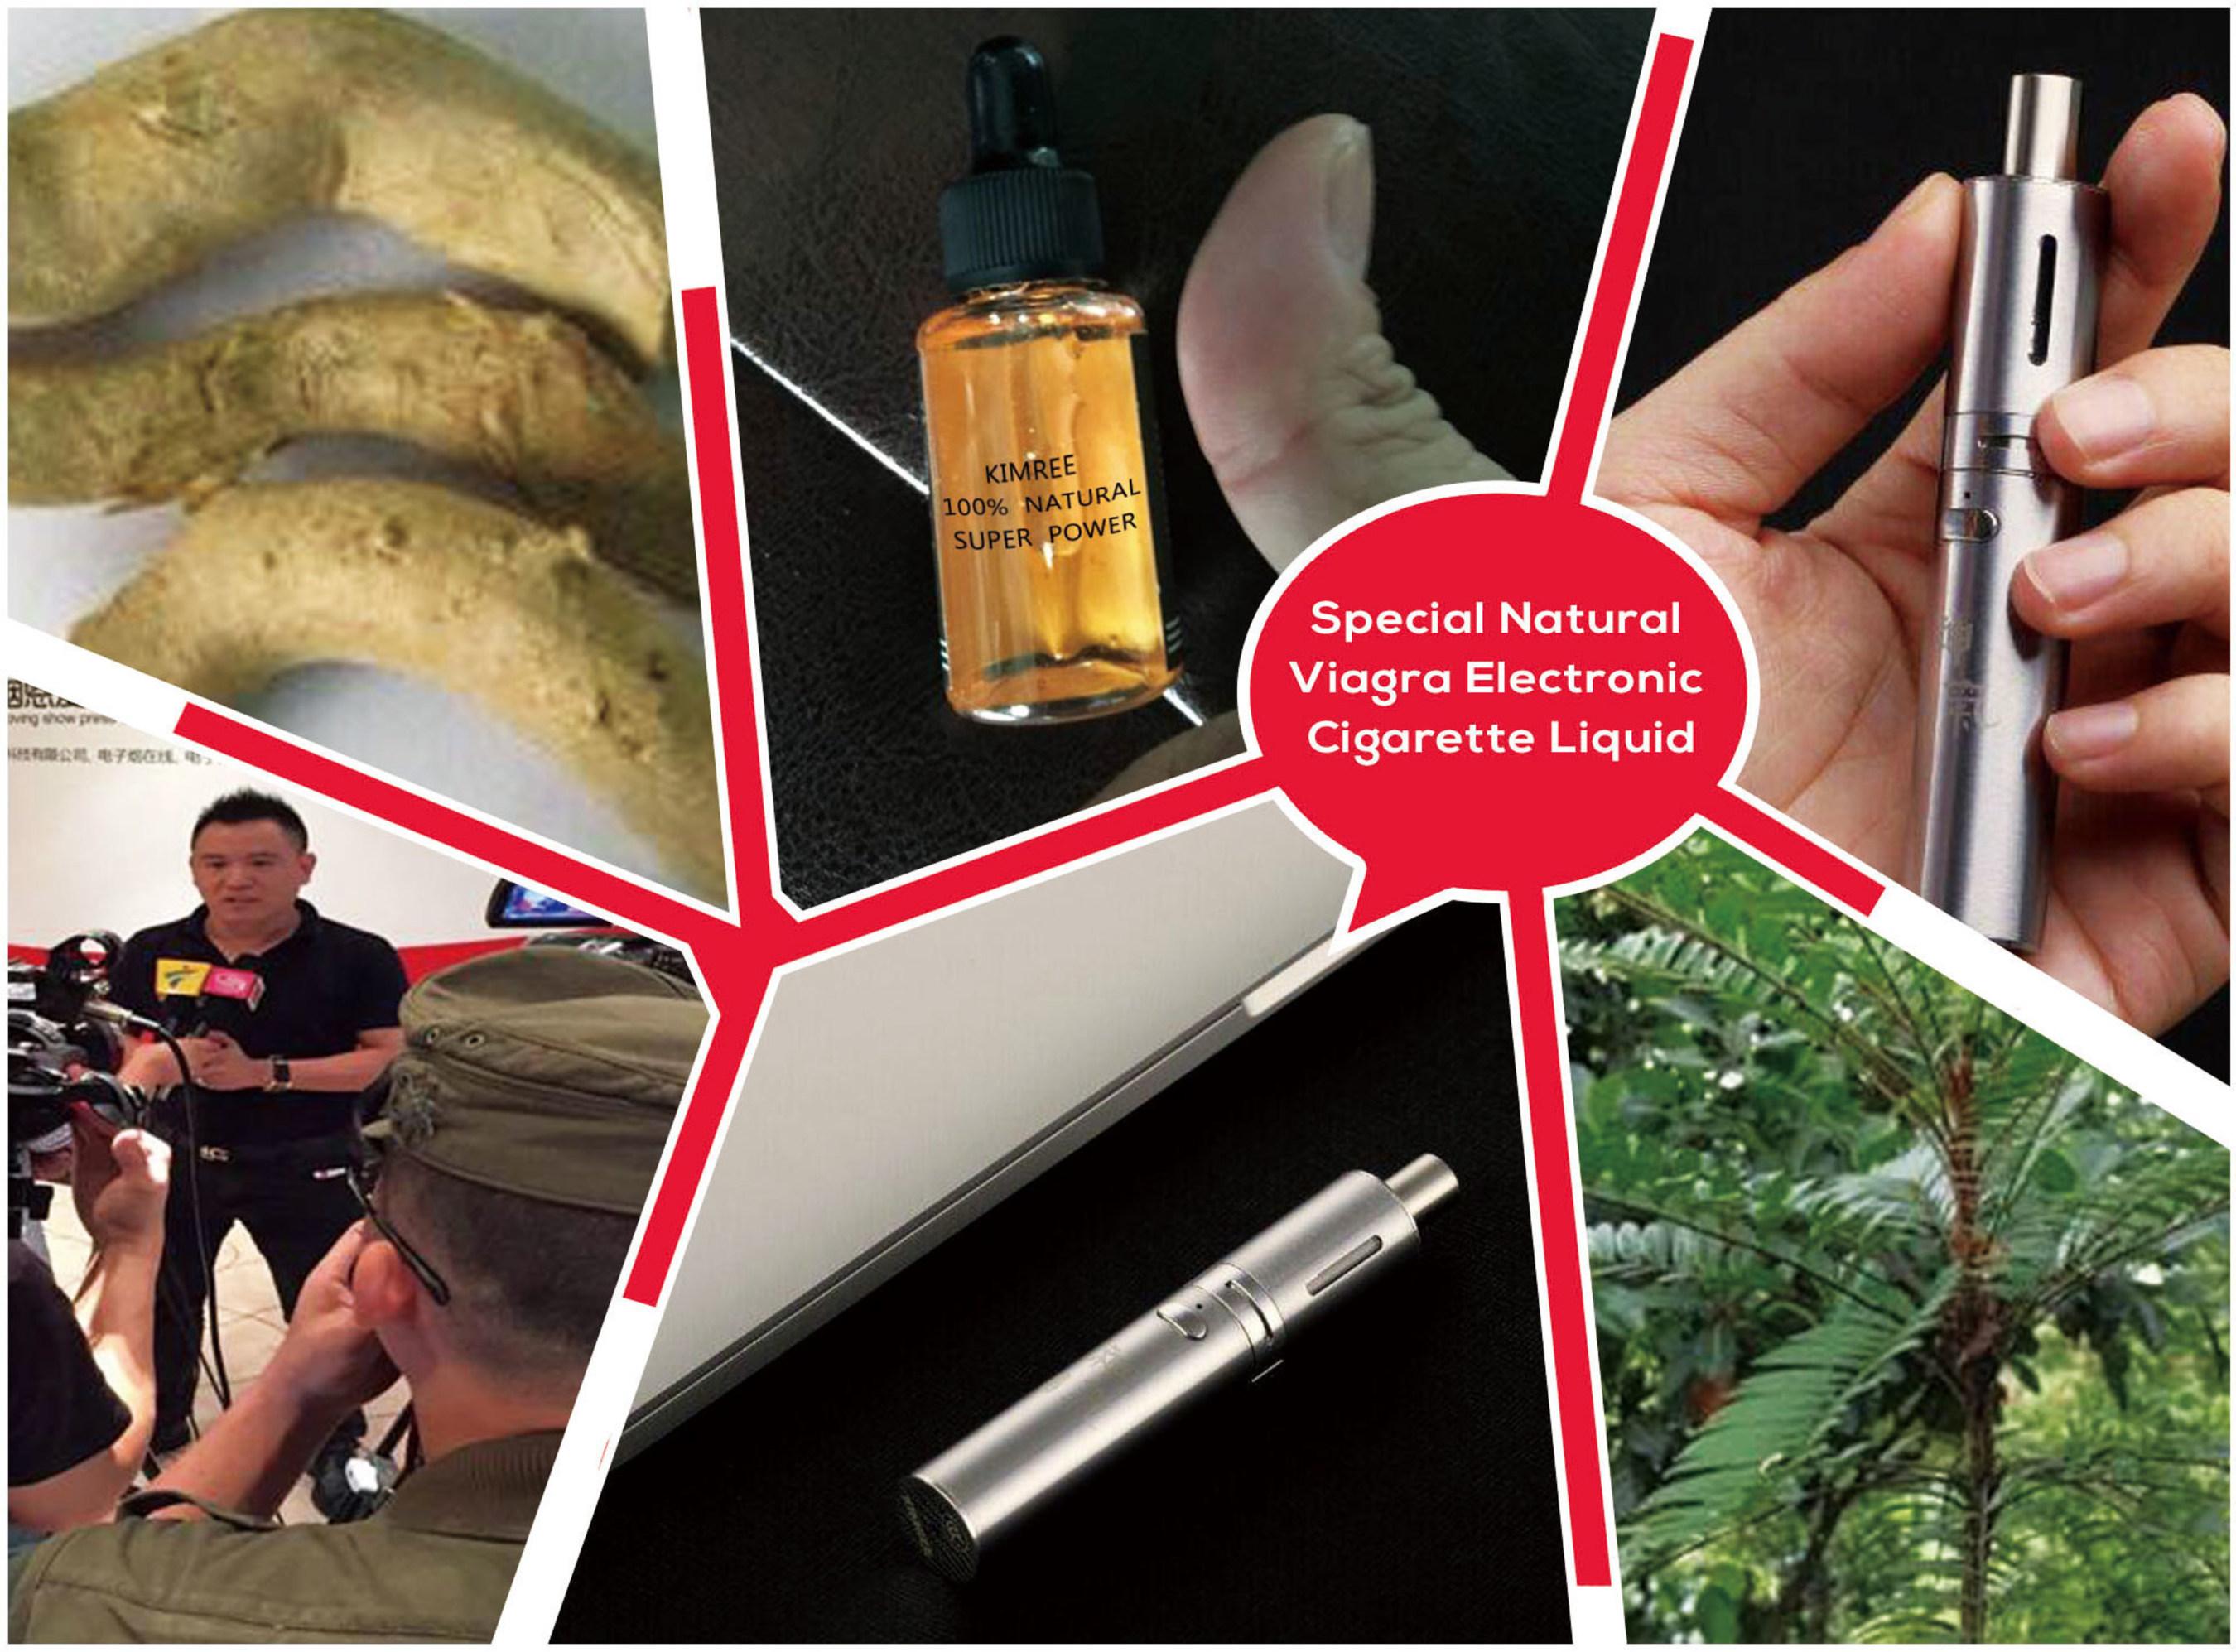 New Plant-Based E-liquid from KIMREE